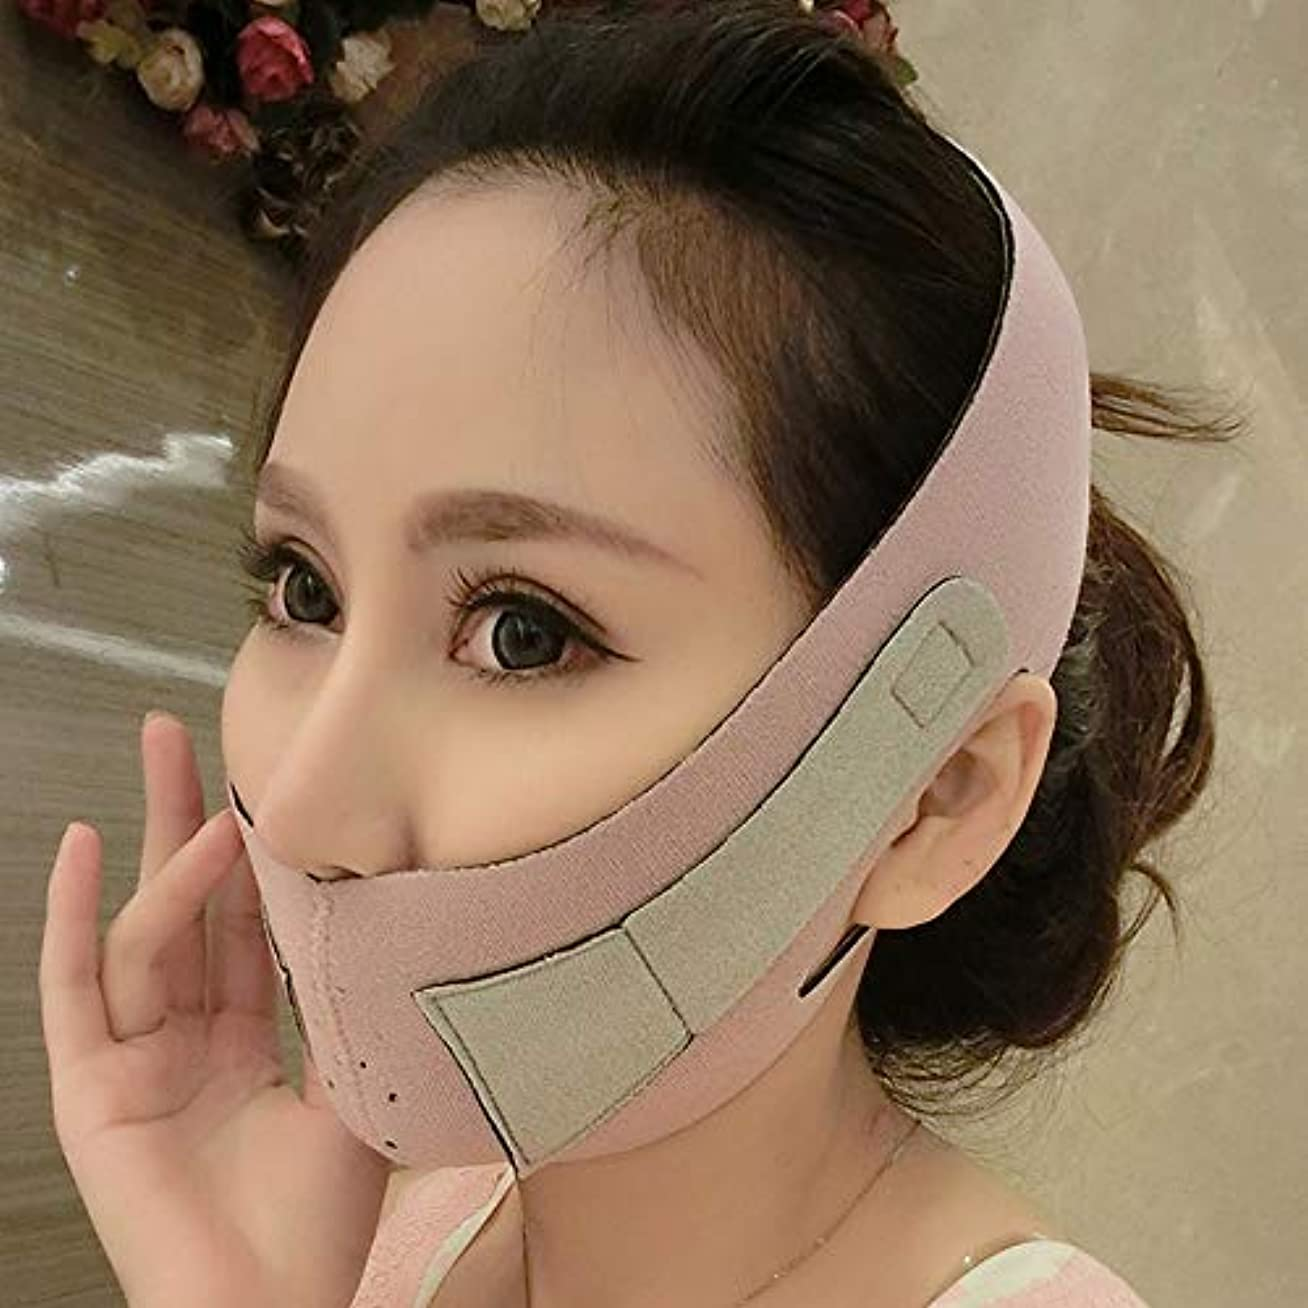 盆クアッガオーク飛強強 シンフェイス包帯シンフェイスマスクフェイスリフトアーティファクトレイズVフェイスシンフェイスフェイスリフティング美容マスク小フェイス包帯 スリムフィット美容ツール (Color : B)